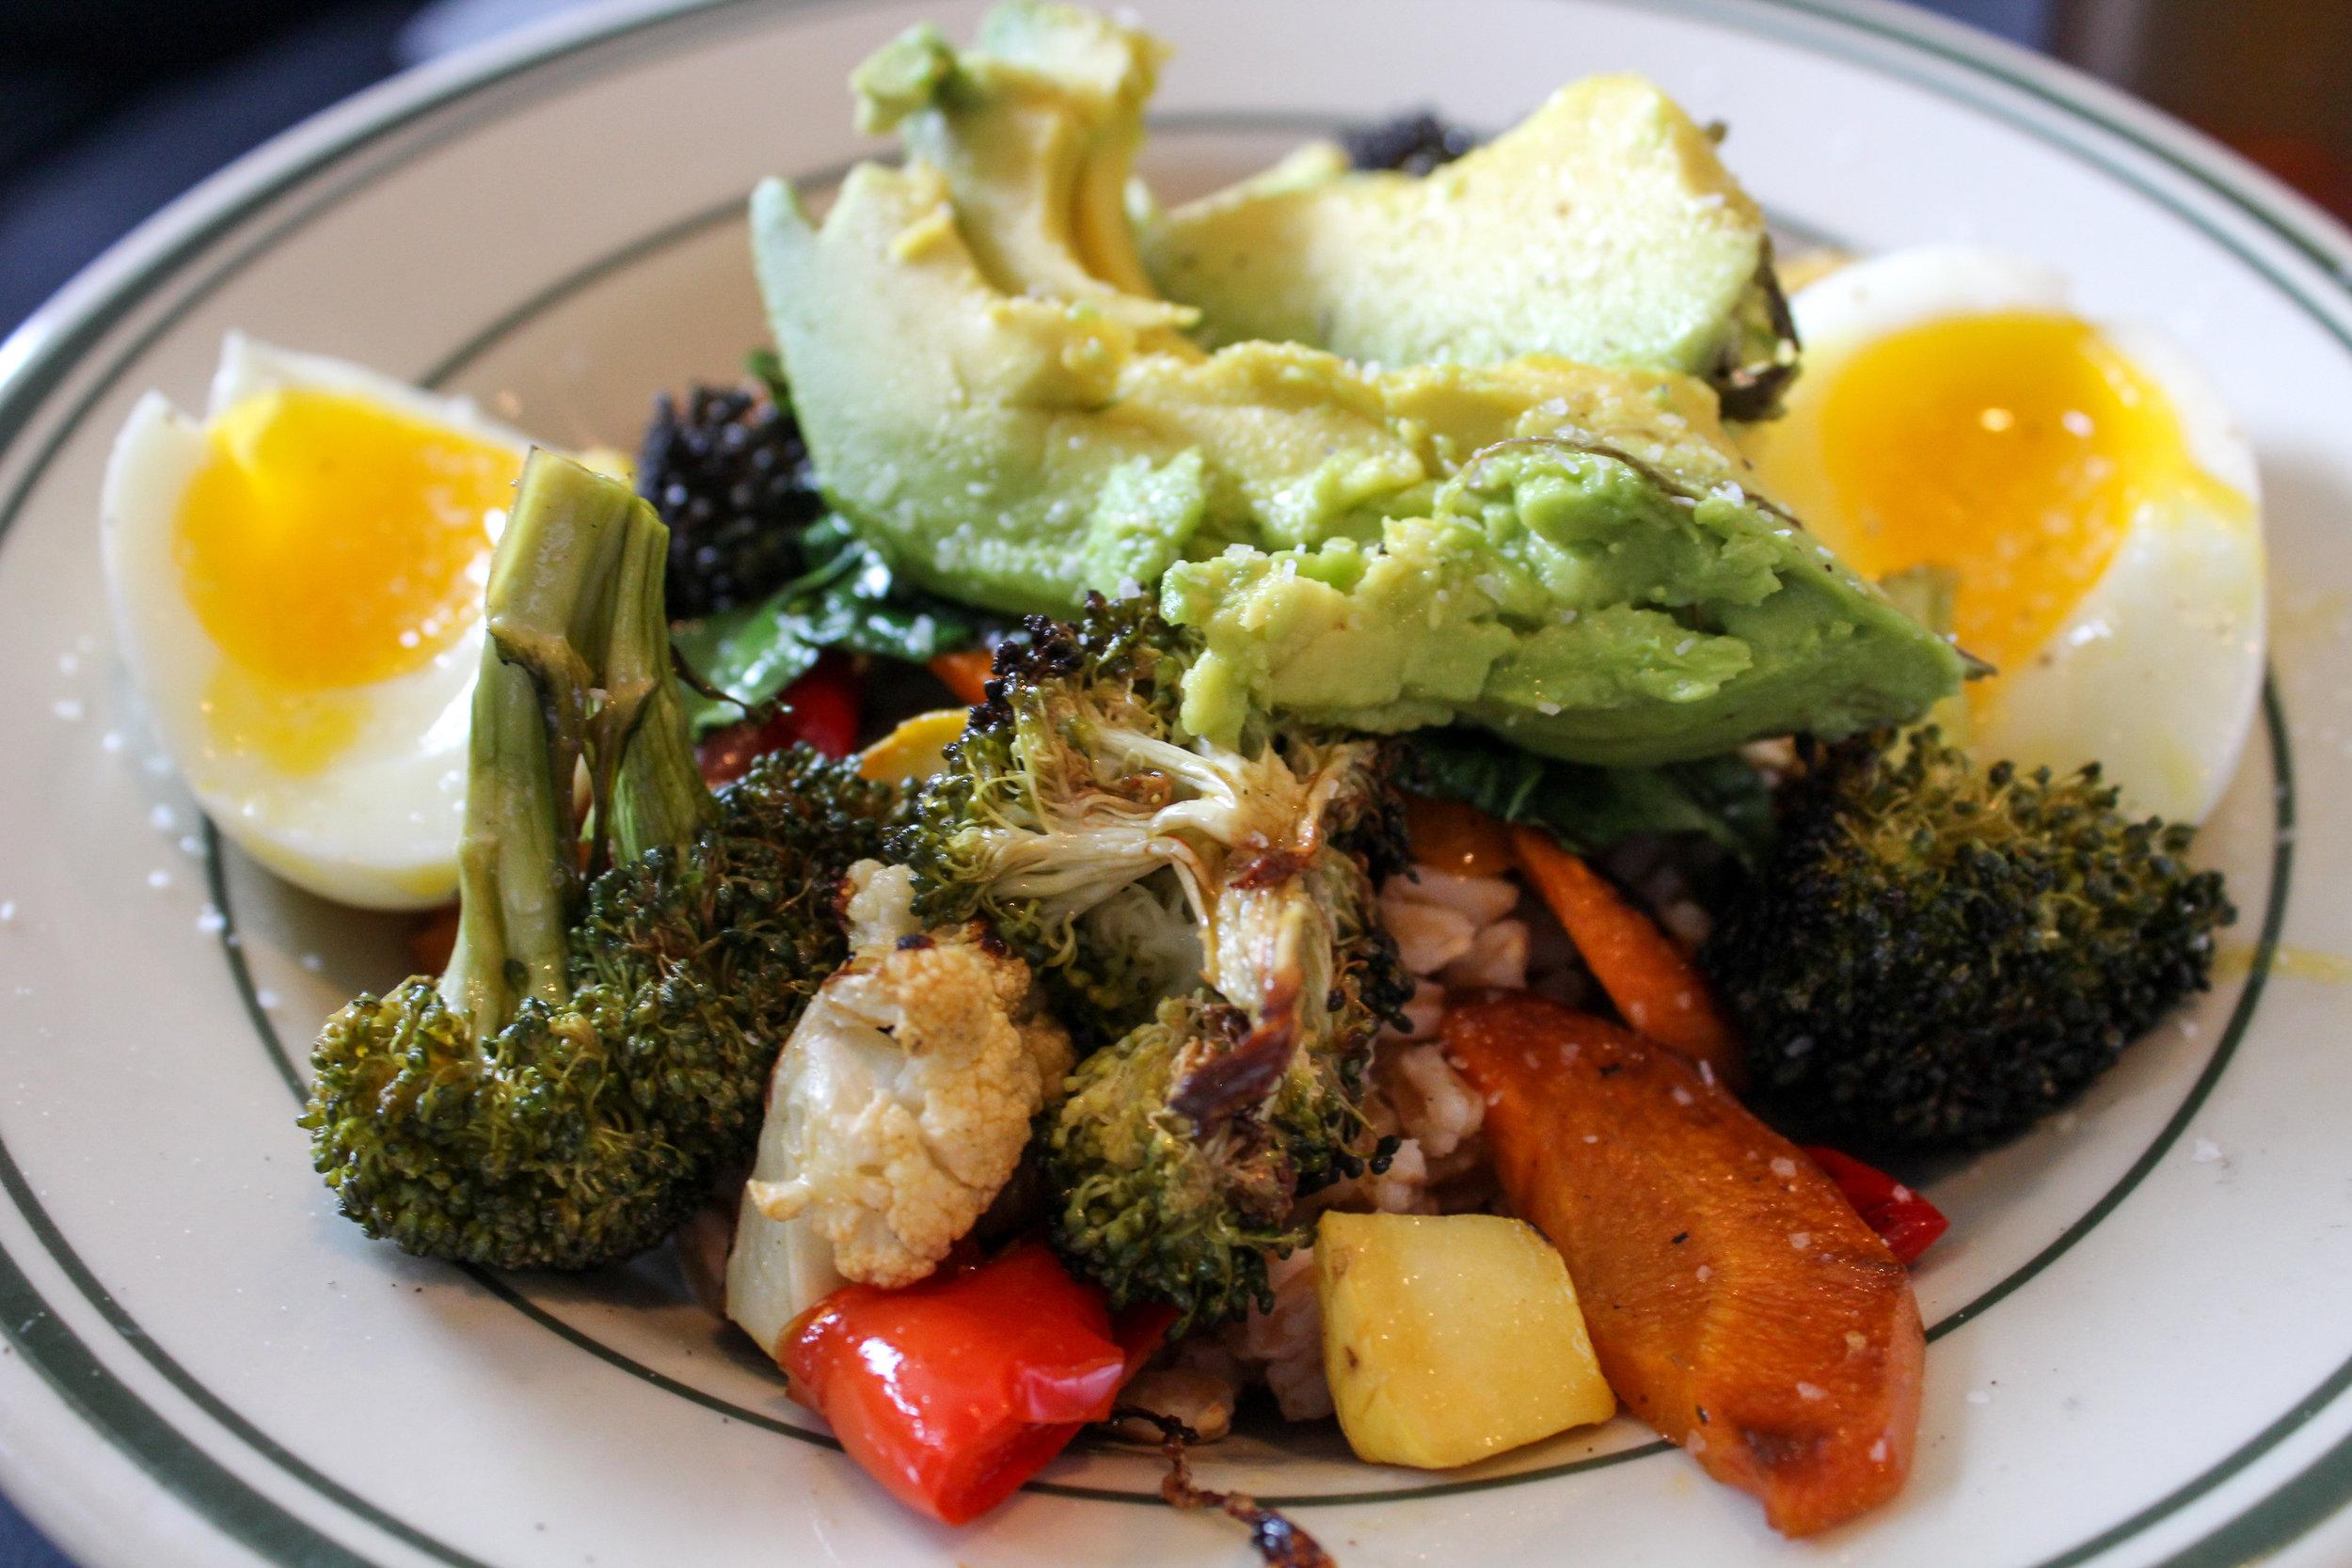 The Veggie Breakfast Bowl